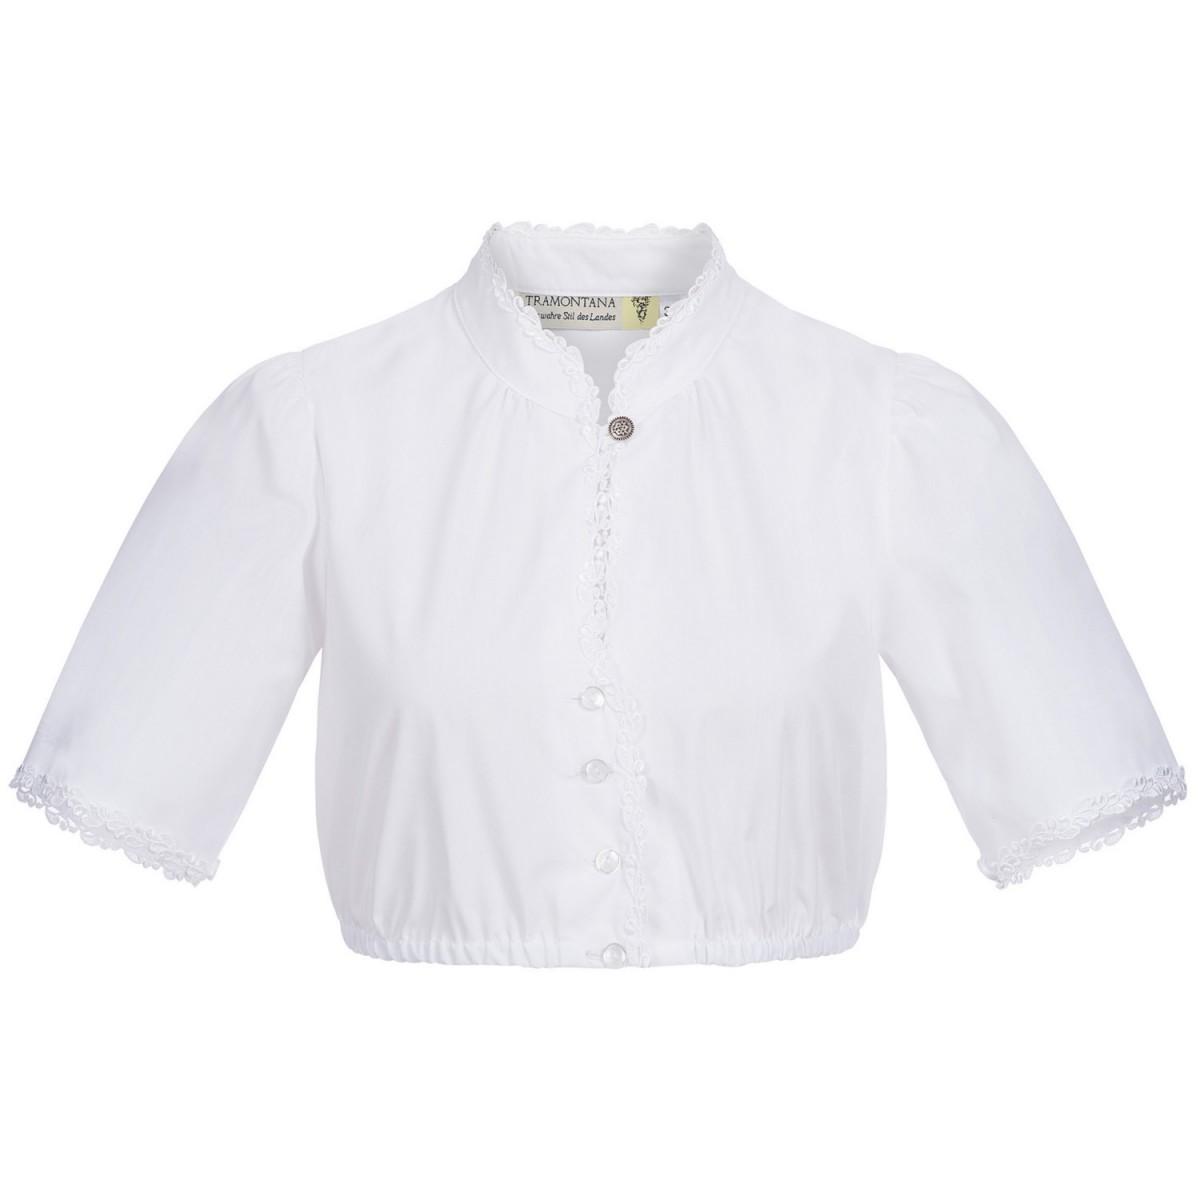 Dirndlbluse Melinda in Weiß von Tramontana günstig online kaufen